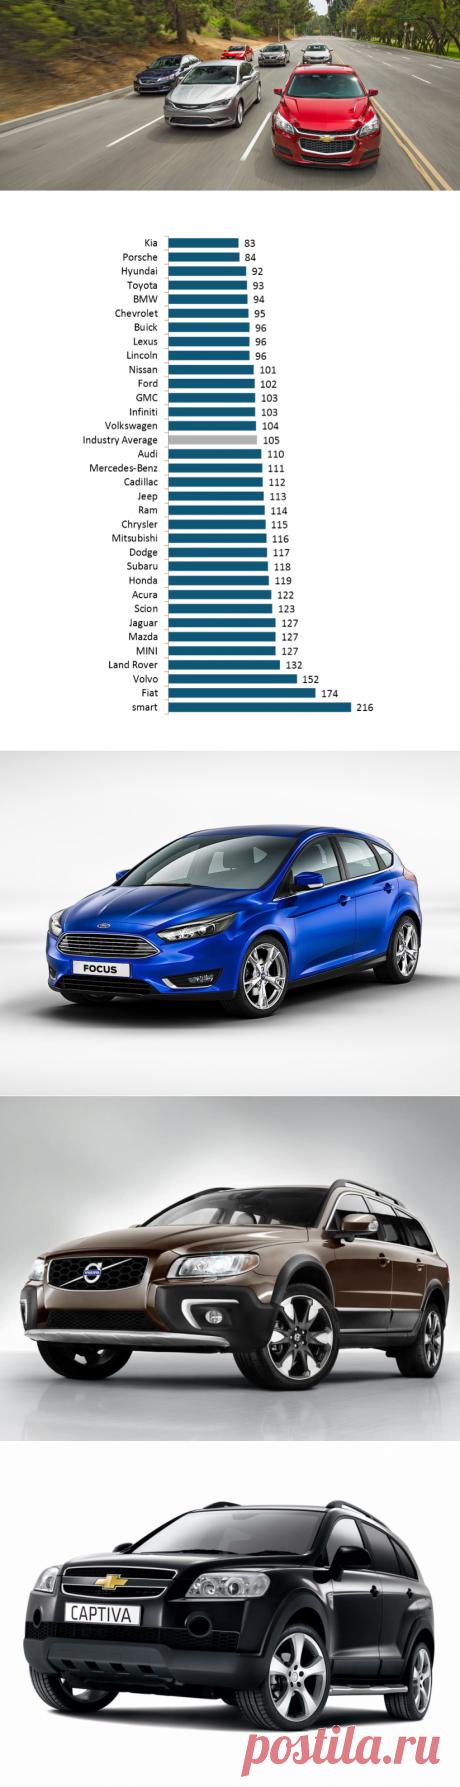 Самые надежные автомобили в России: рейтинг по надежности и качеству